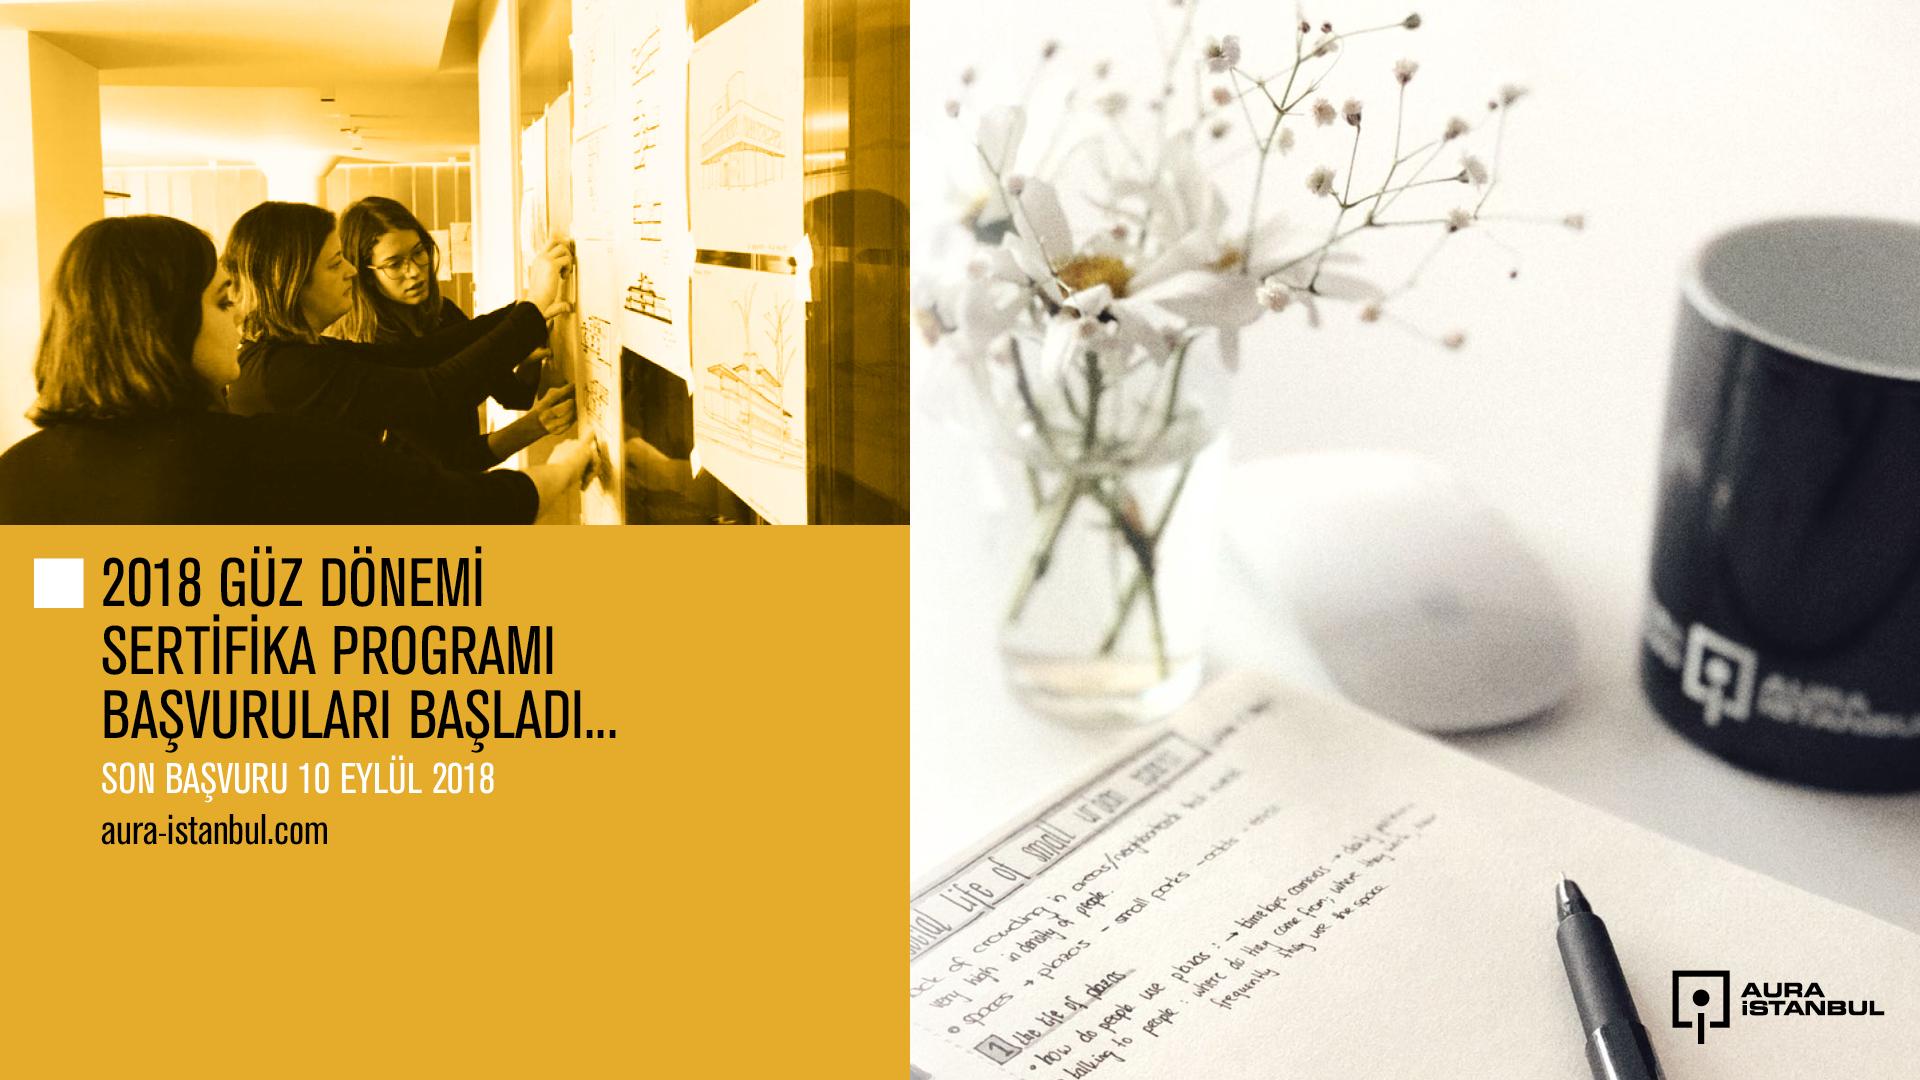 AURA-İstanbul 2018 Güz Dönemi Sertifika Programı Başvuruları Başladı!